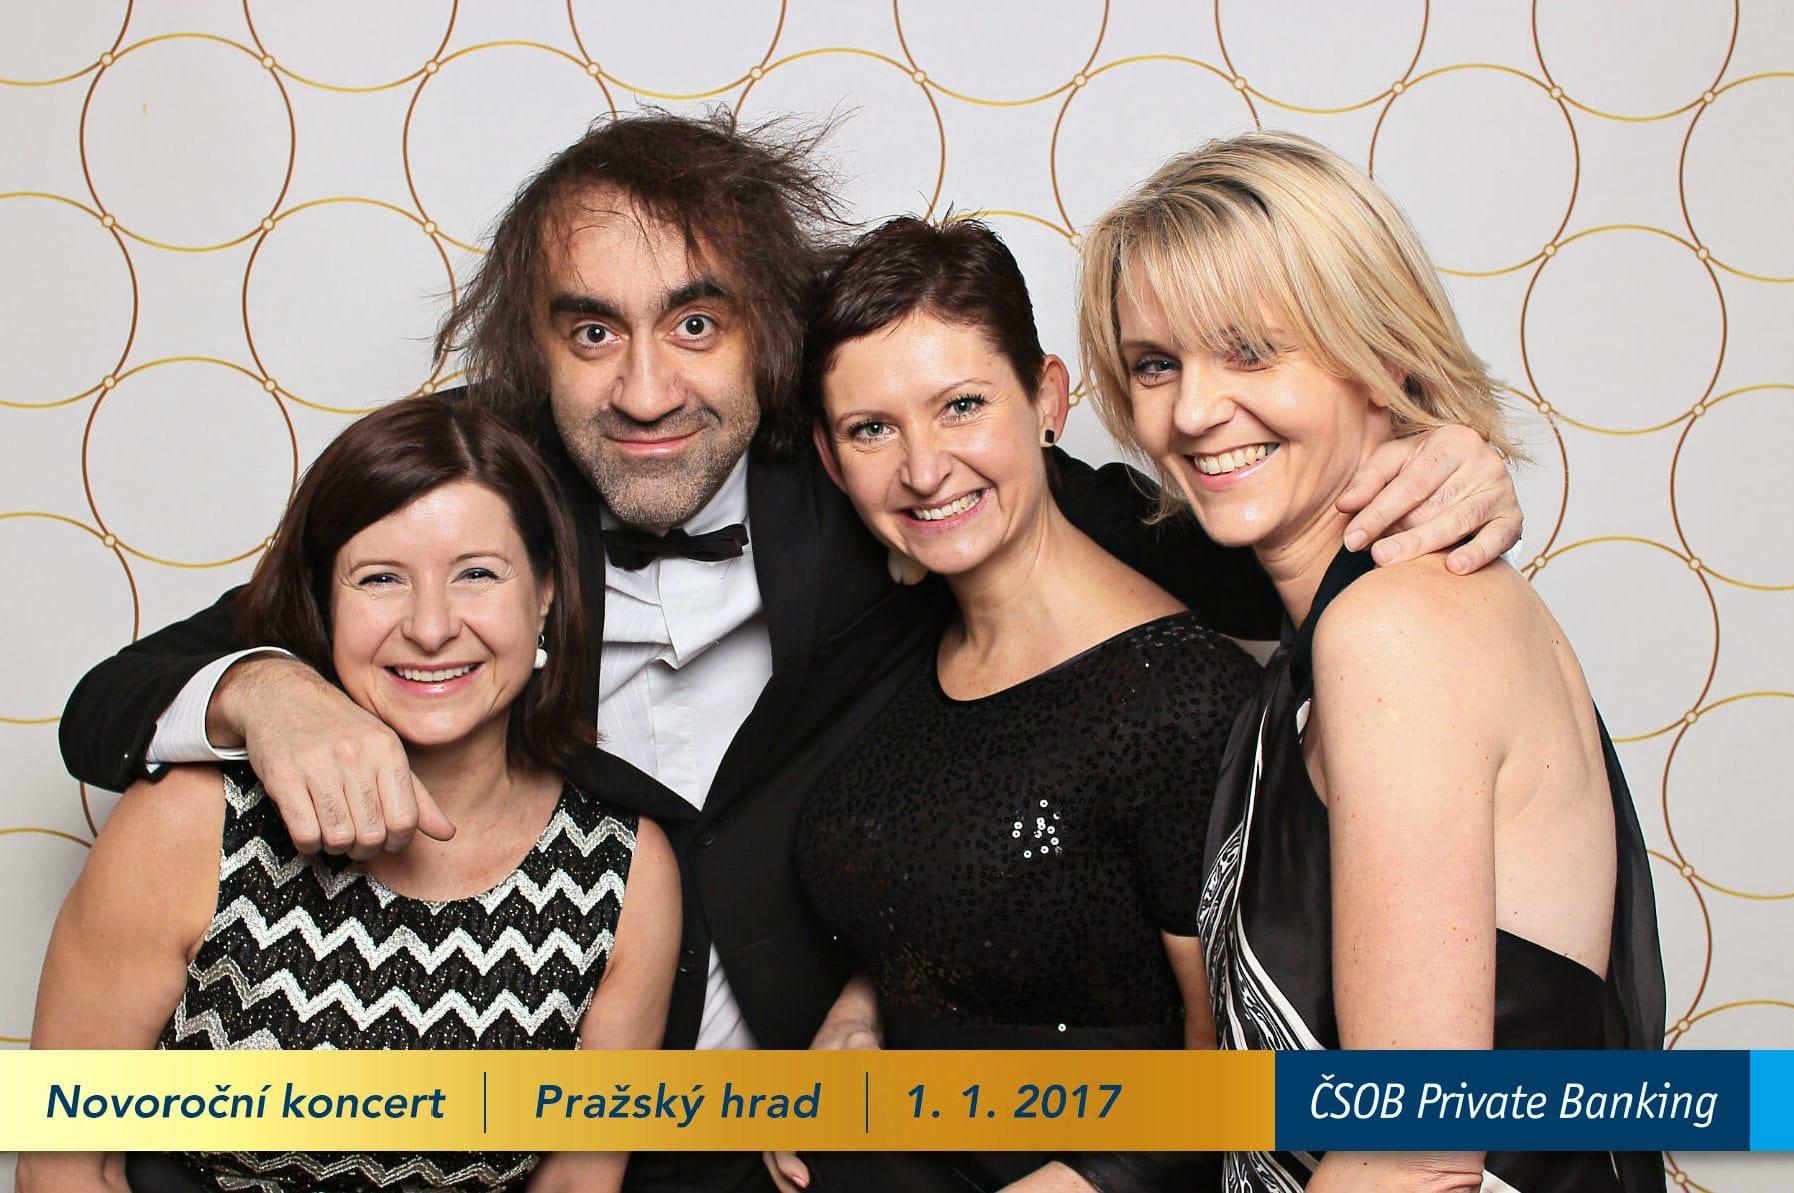 fotokoutek-csob-novorocni-koncert-prazsky-hrad-1-1-2017-200769